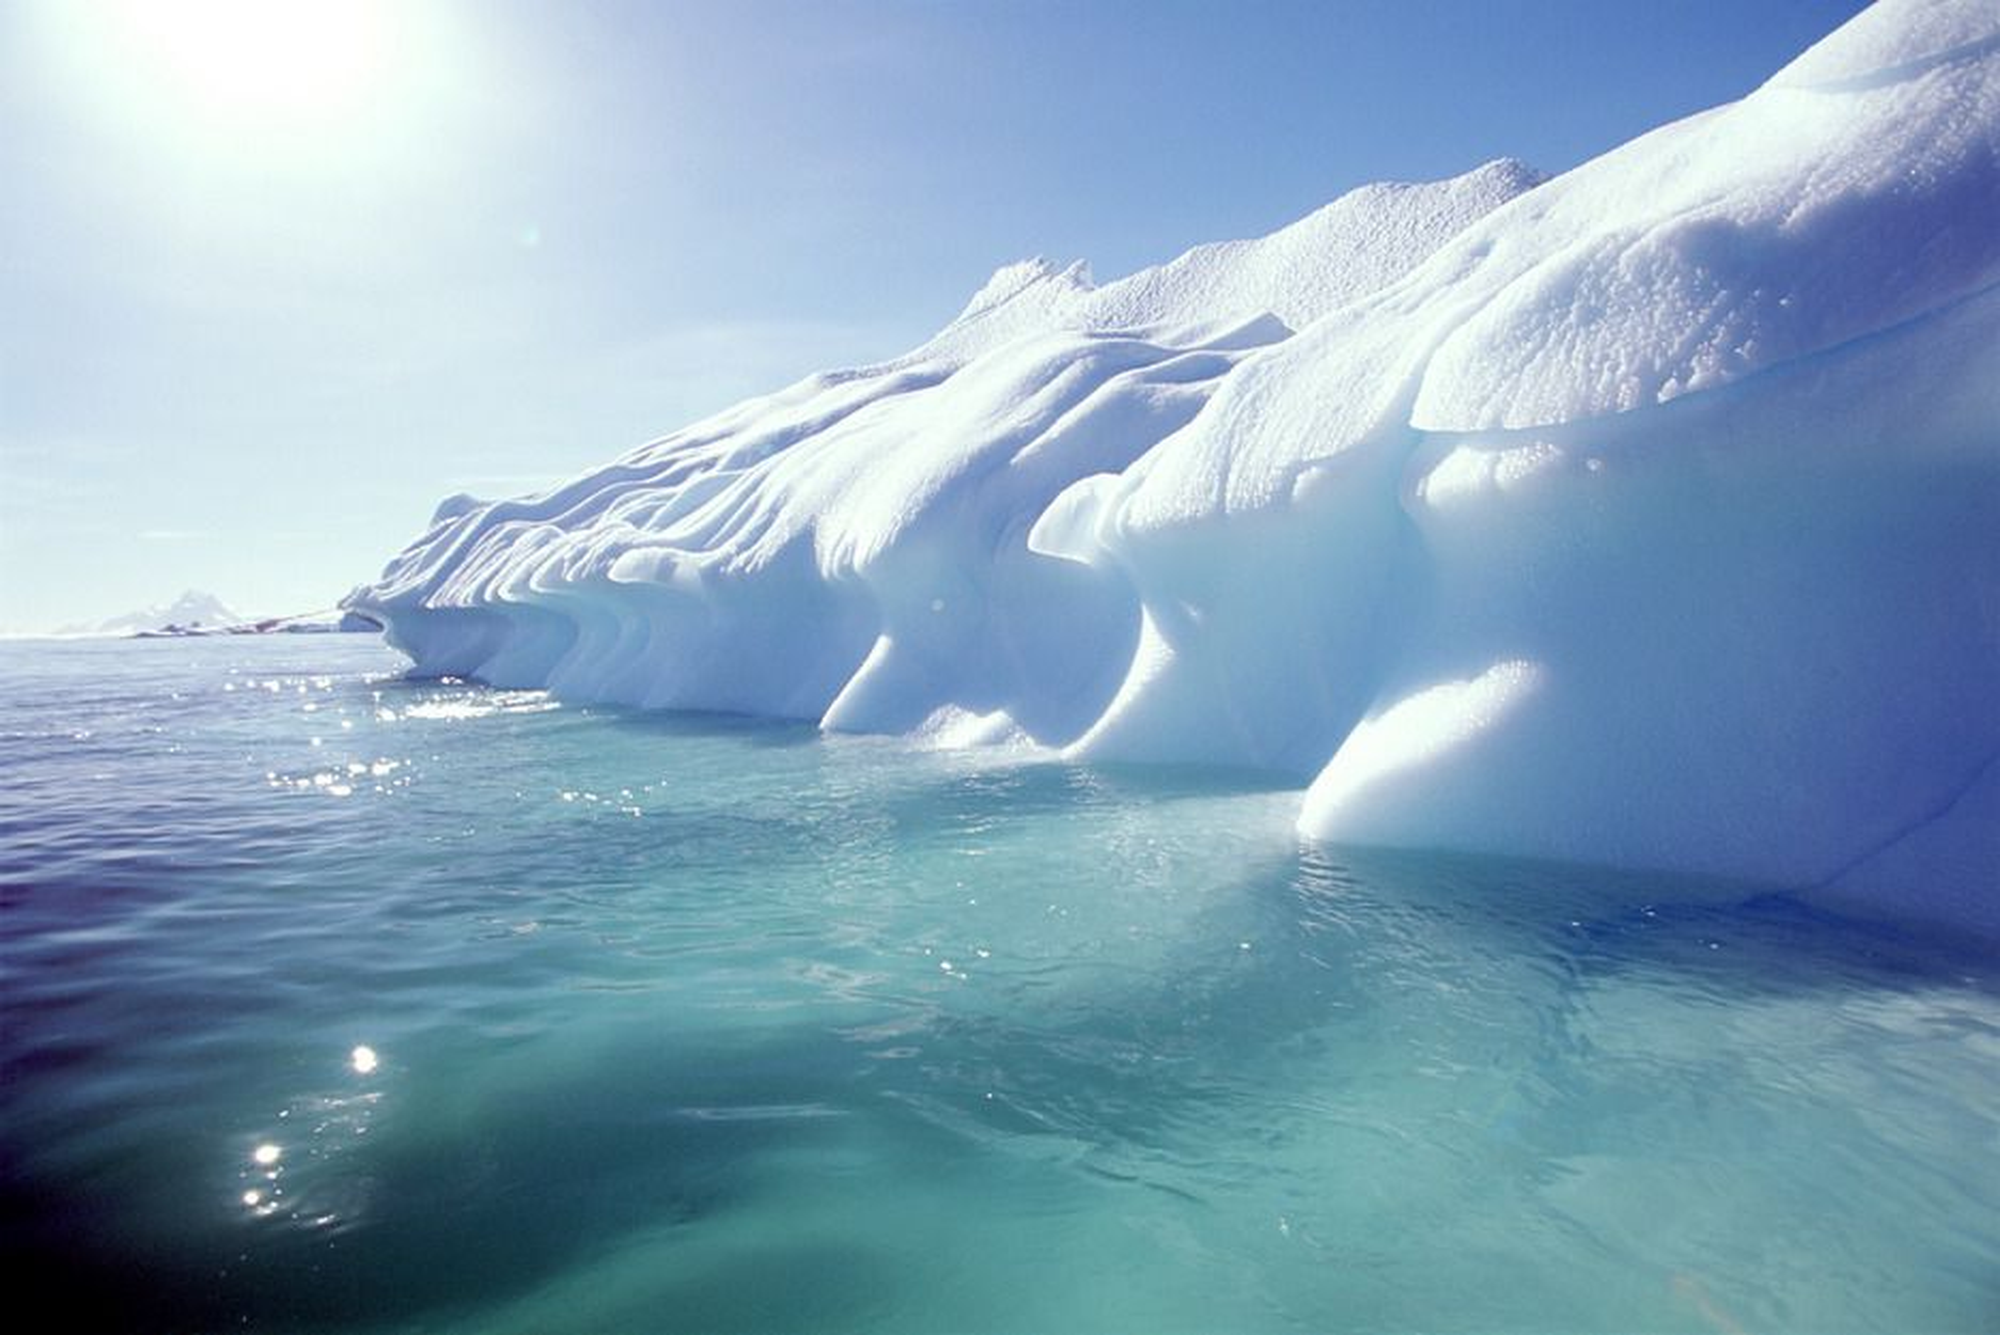 - Arktis er et følsomt system, sier forsker. Temperaturene der er nå på et rekordhøyt nivå.